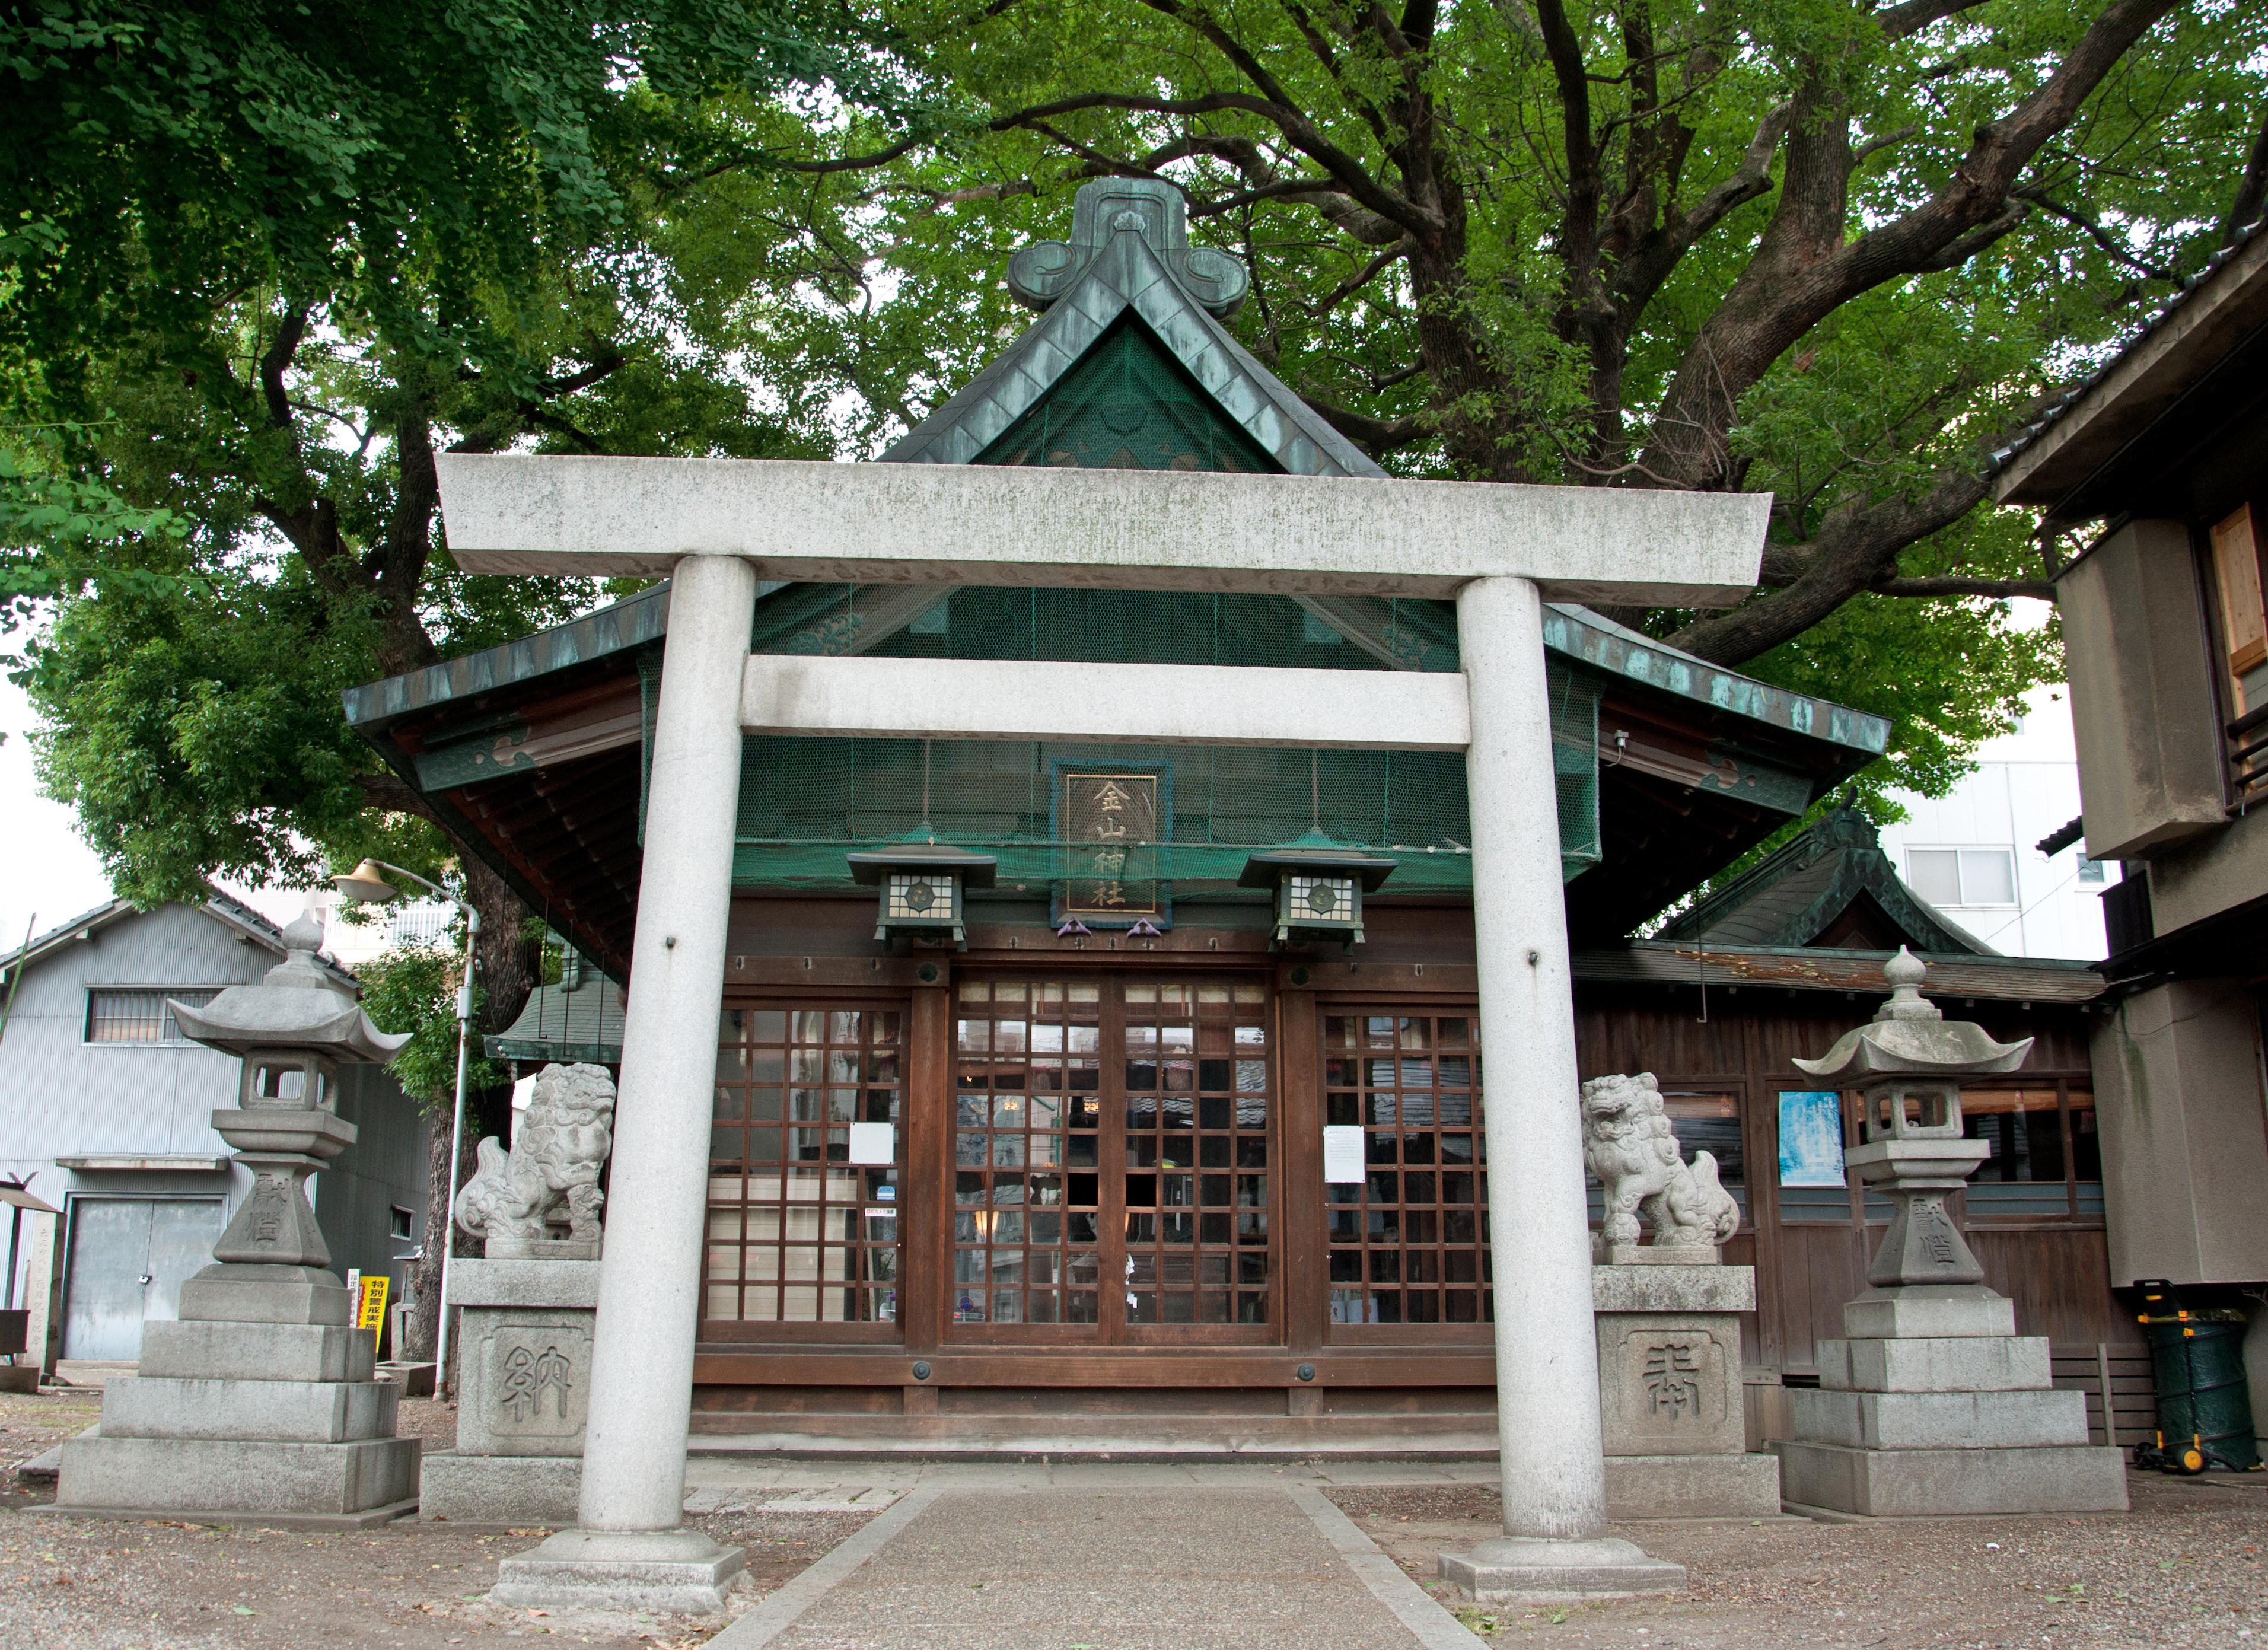 File:Kanayama Shrine in Atsuta-ku, Nagoya 01.jpg ...